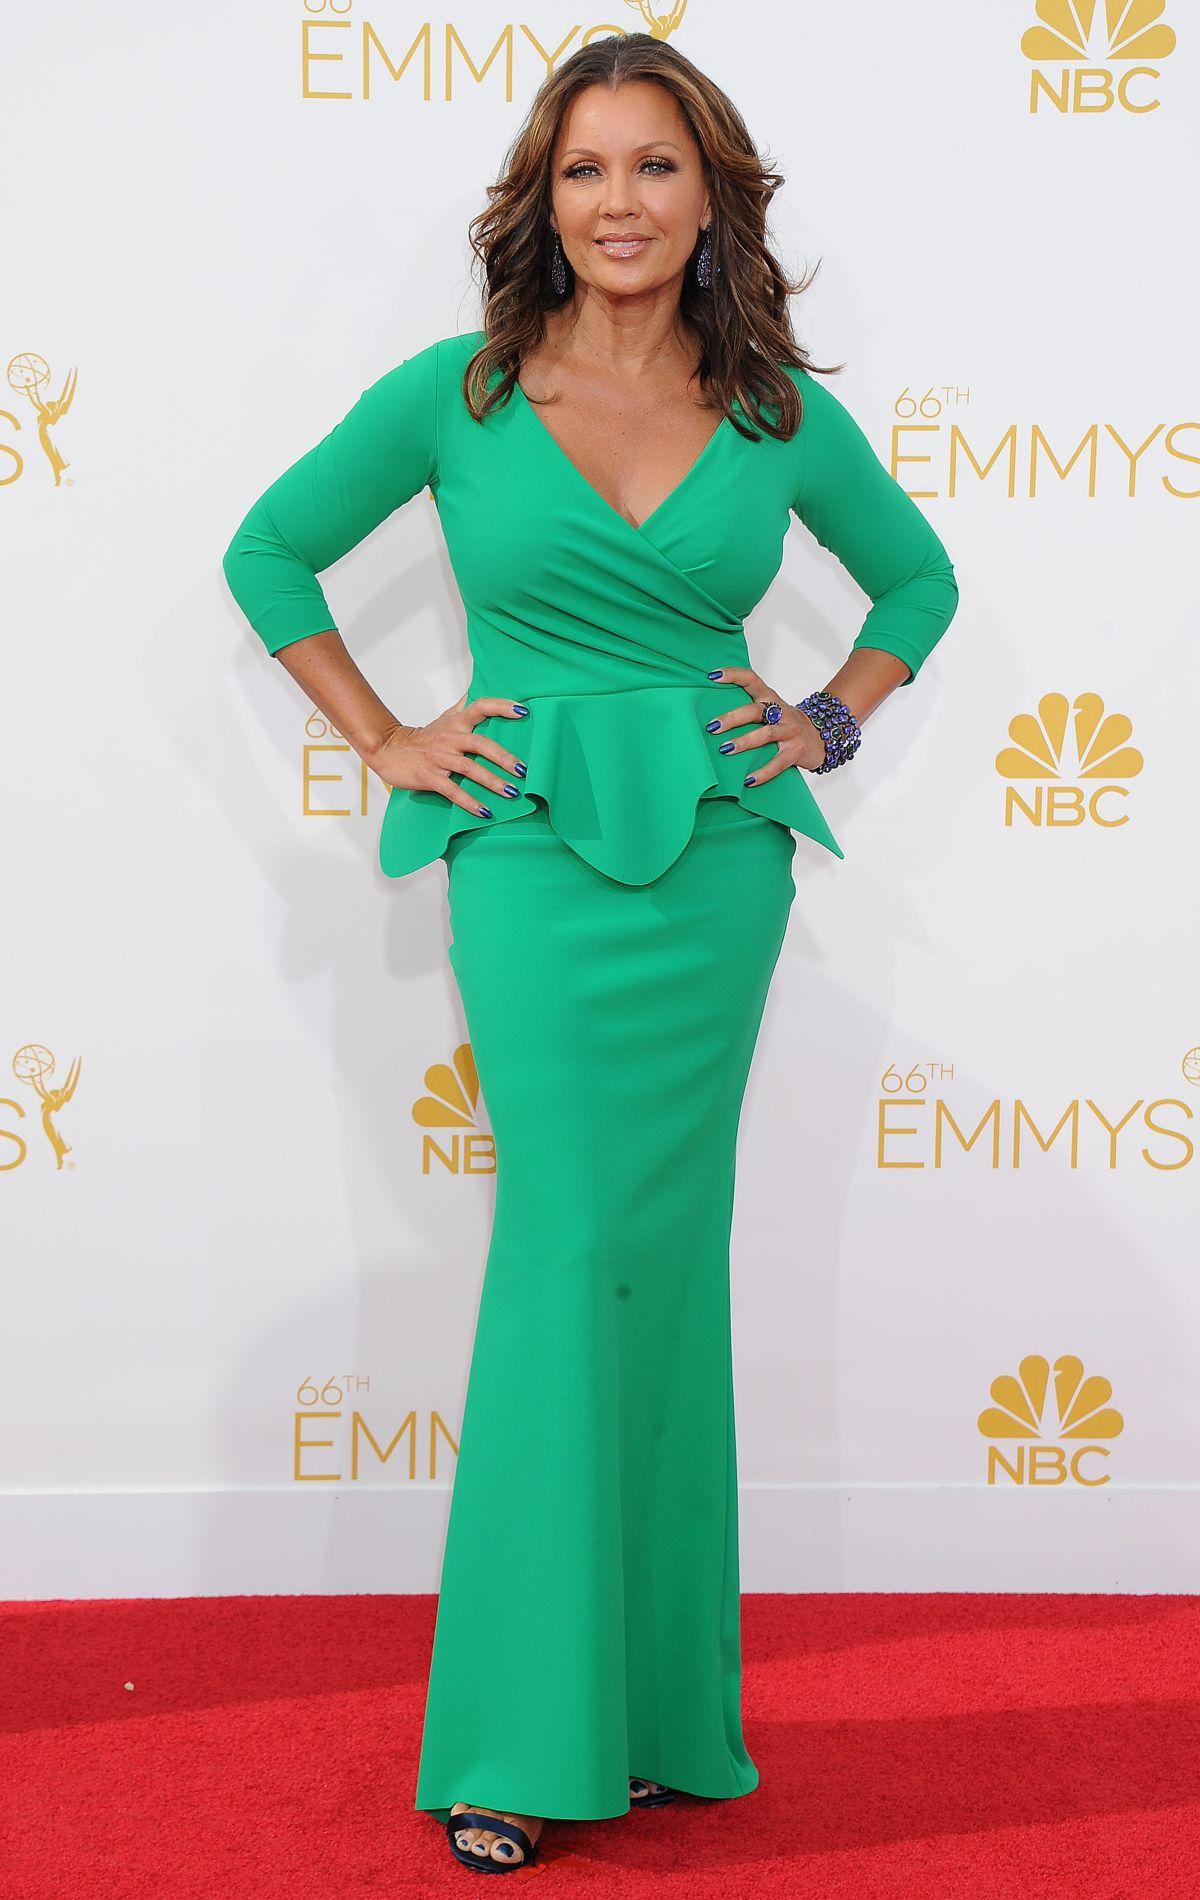 VANESSA WILLIAMS at 2014 Emmy Awards